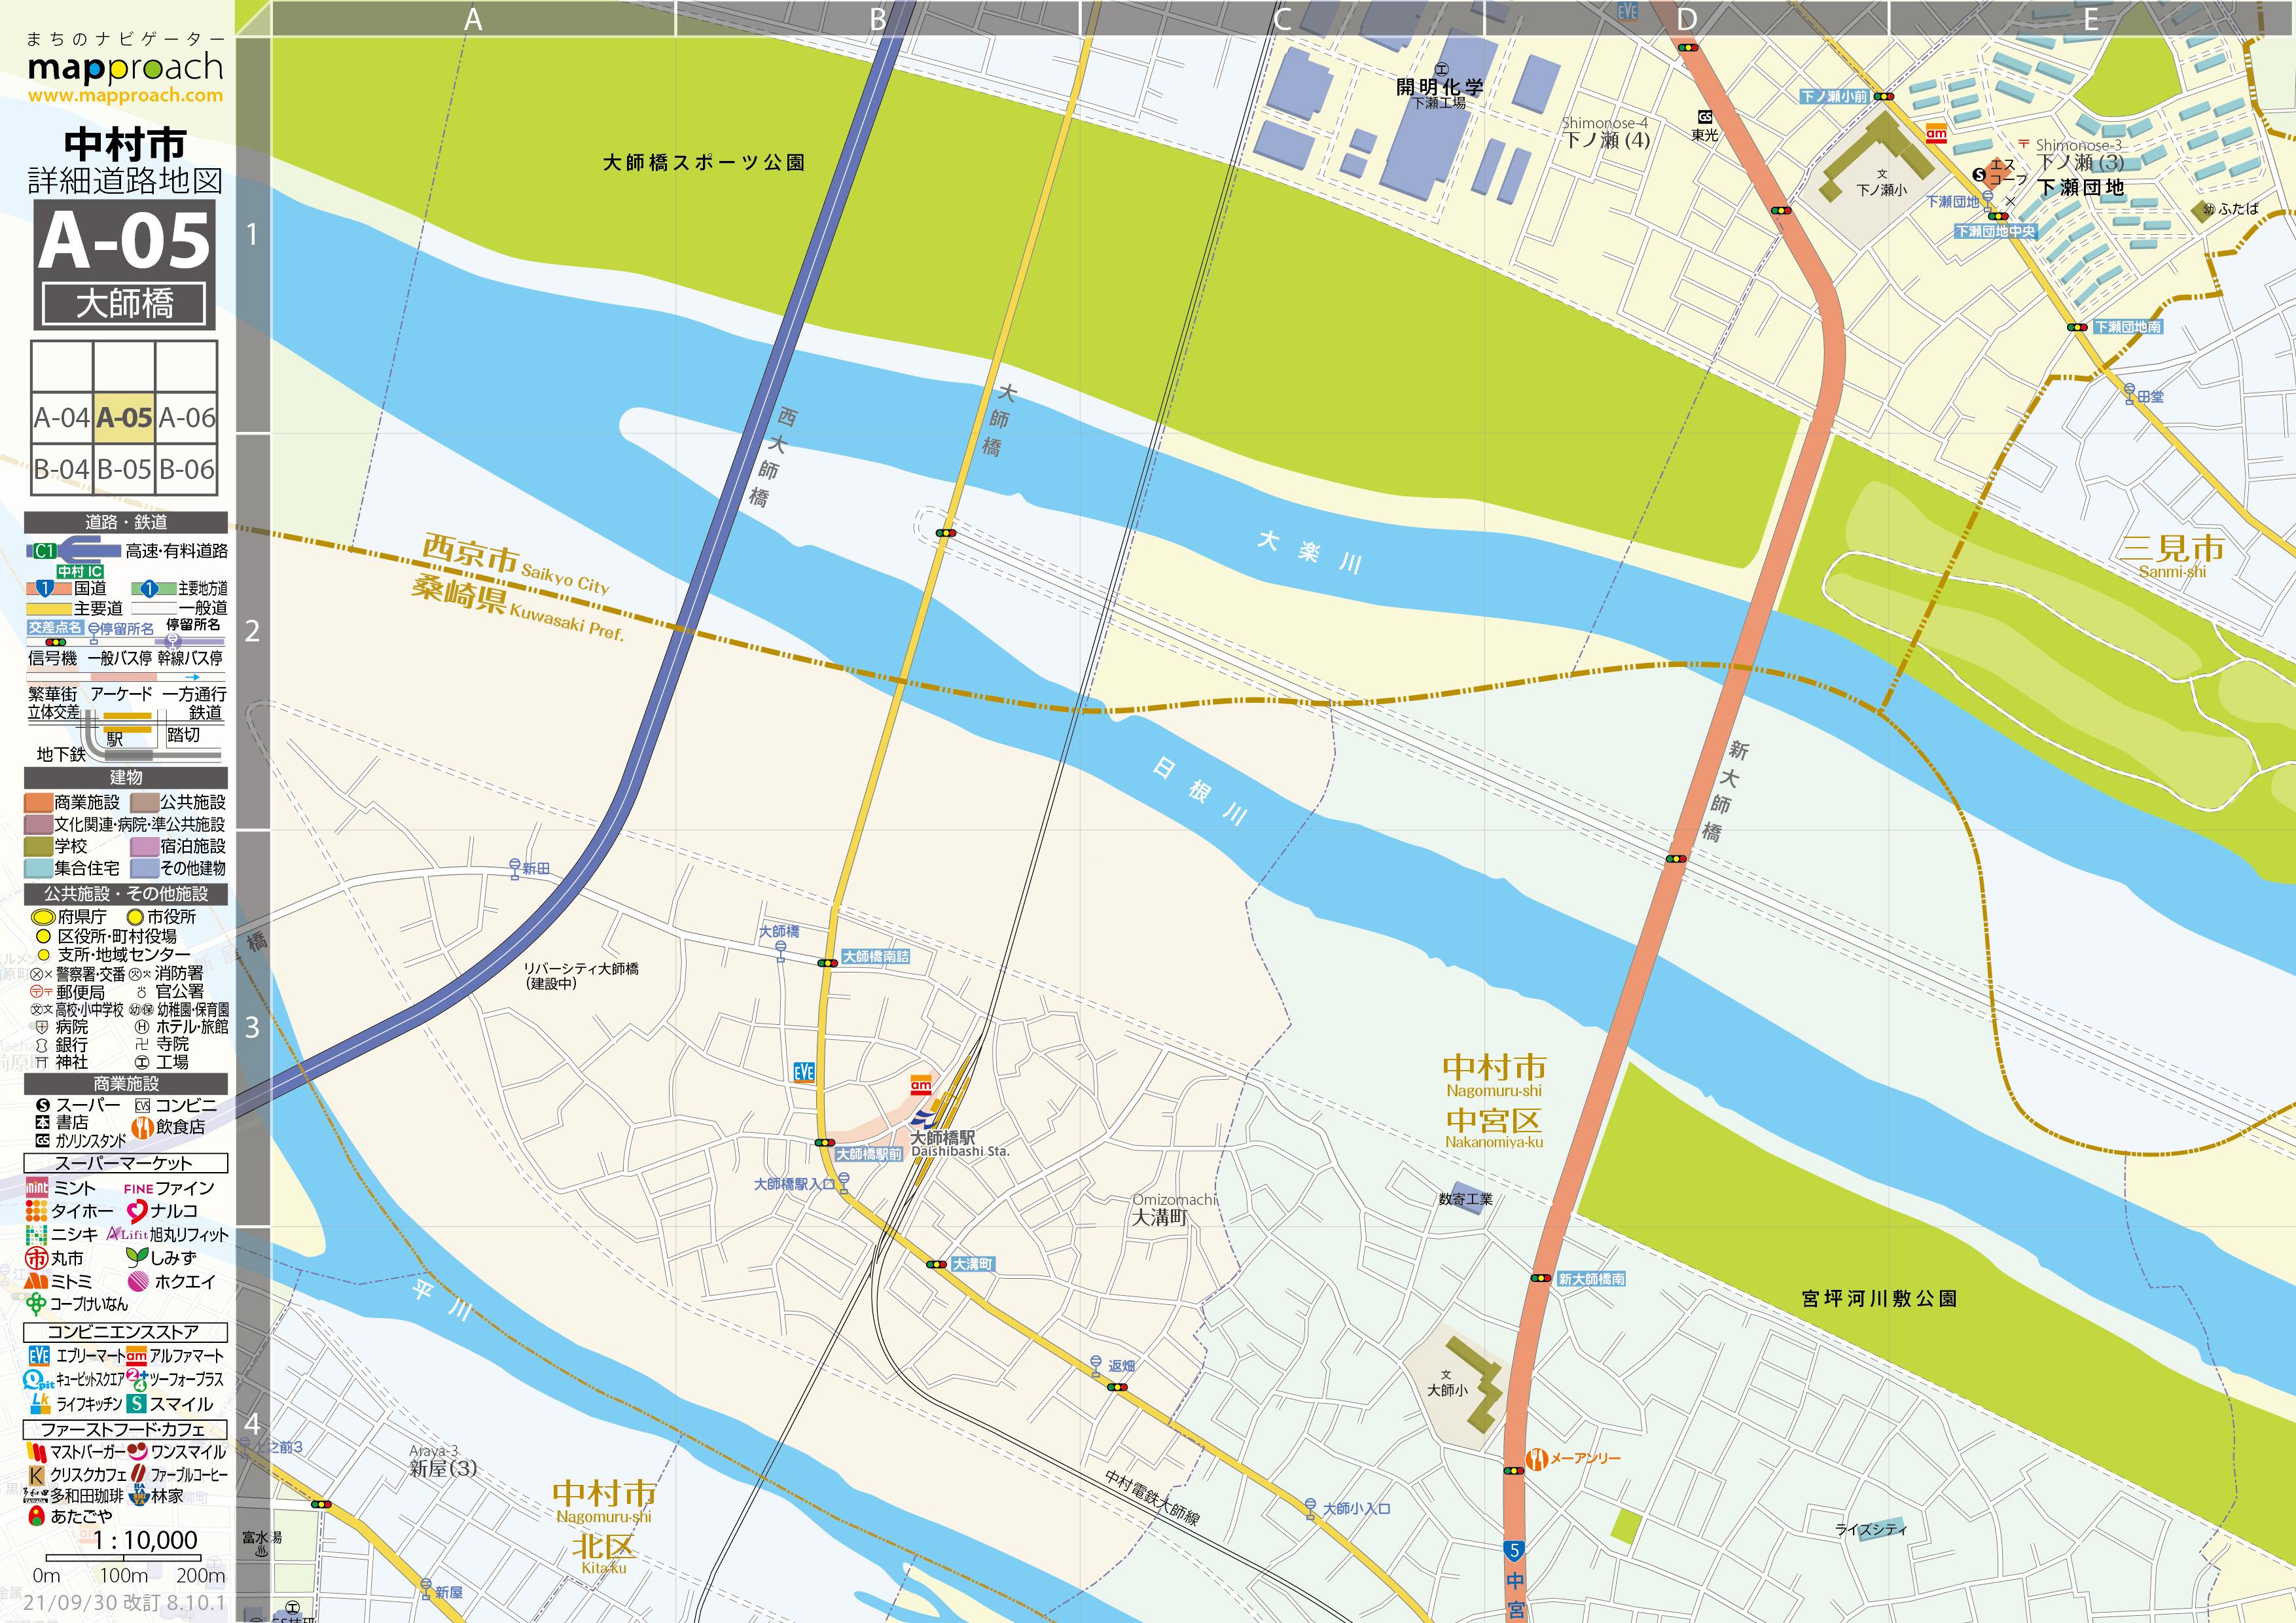 A-05 大師橋 地図拡大